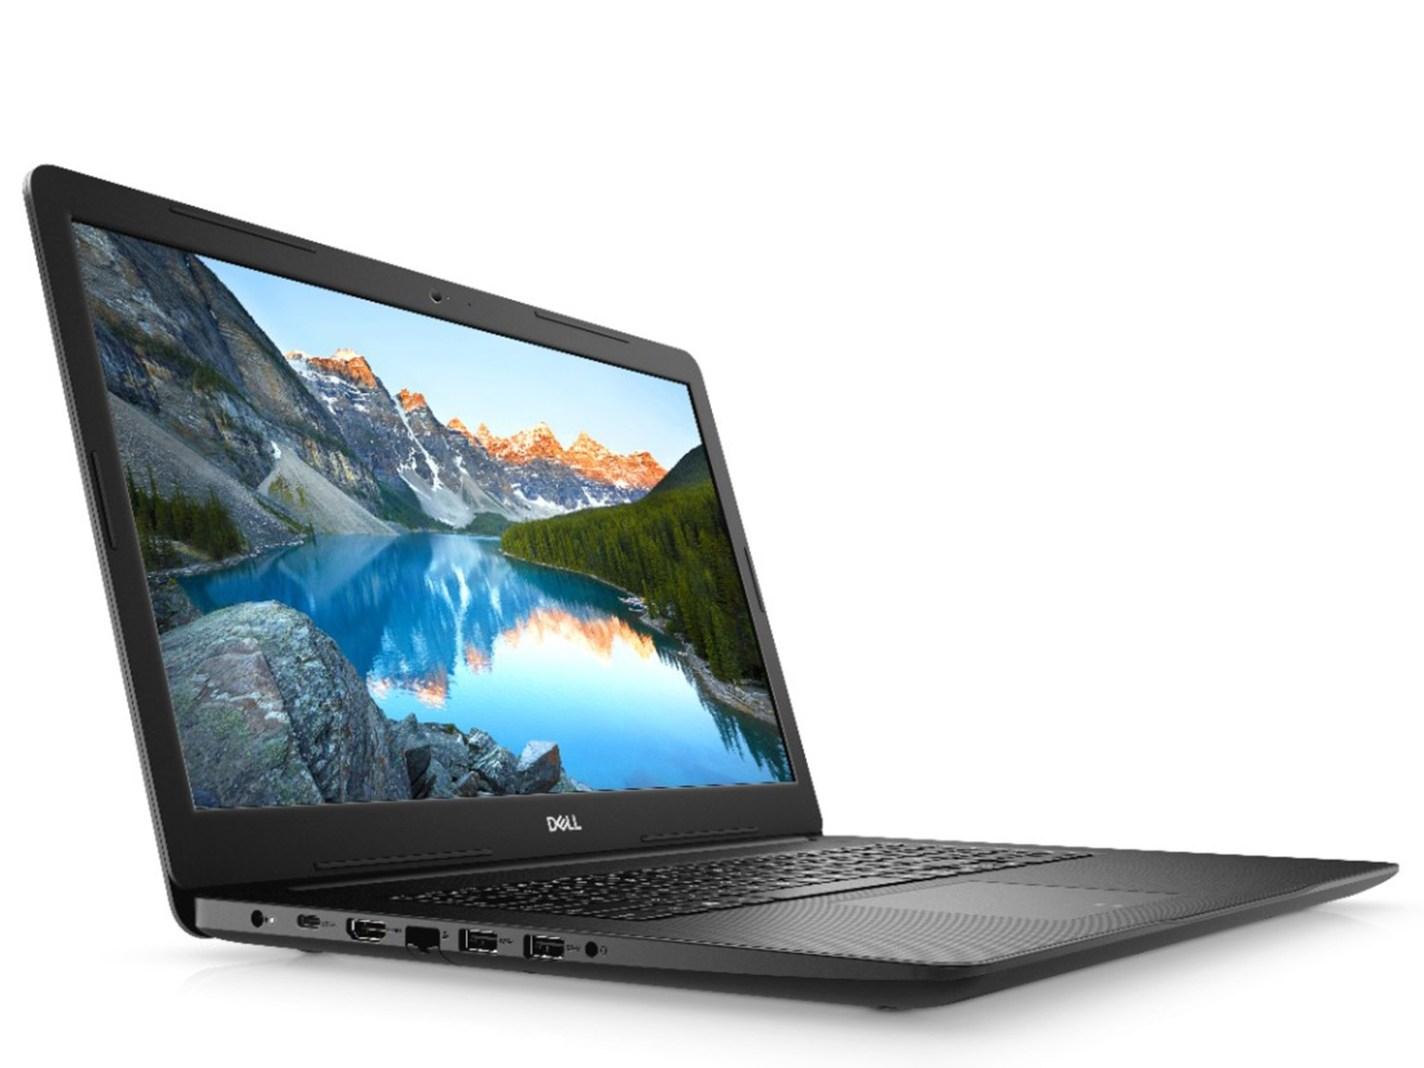 Dell Inspiron 3793 Core i7-1065G7 16GB 512GB SSD 17.3 inch FHD Windows 10